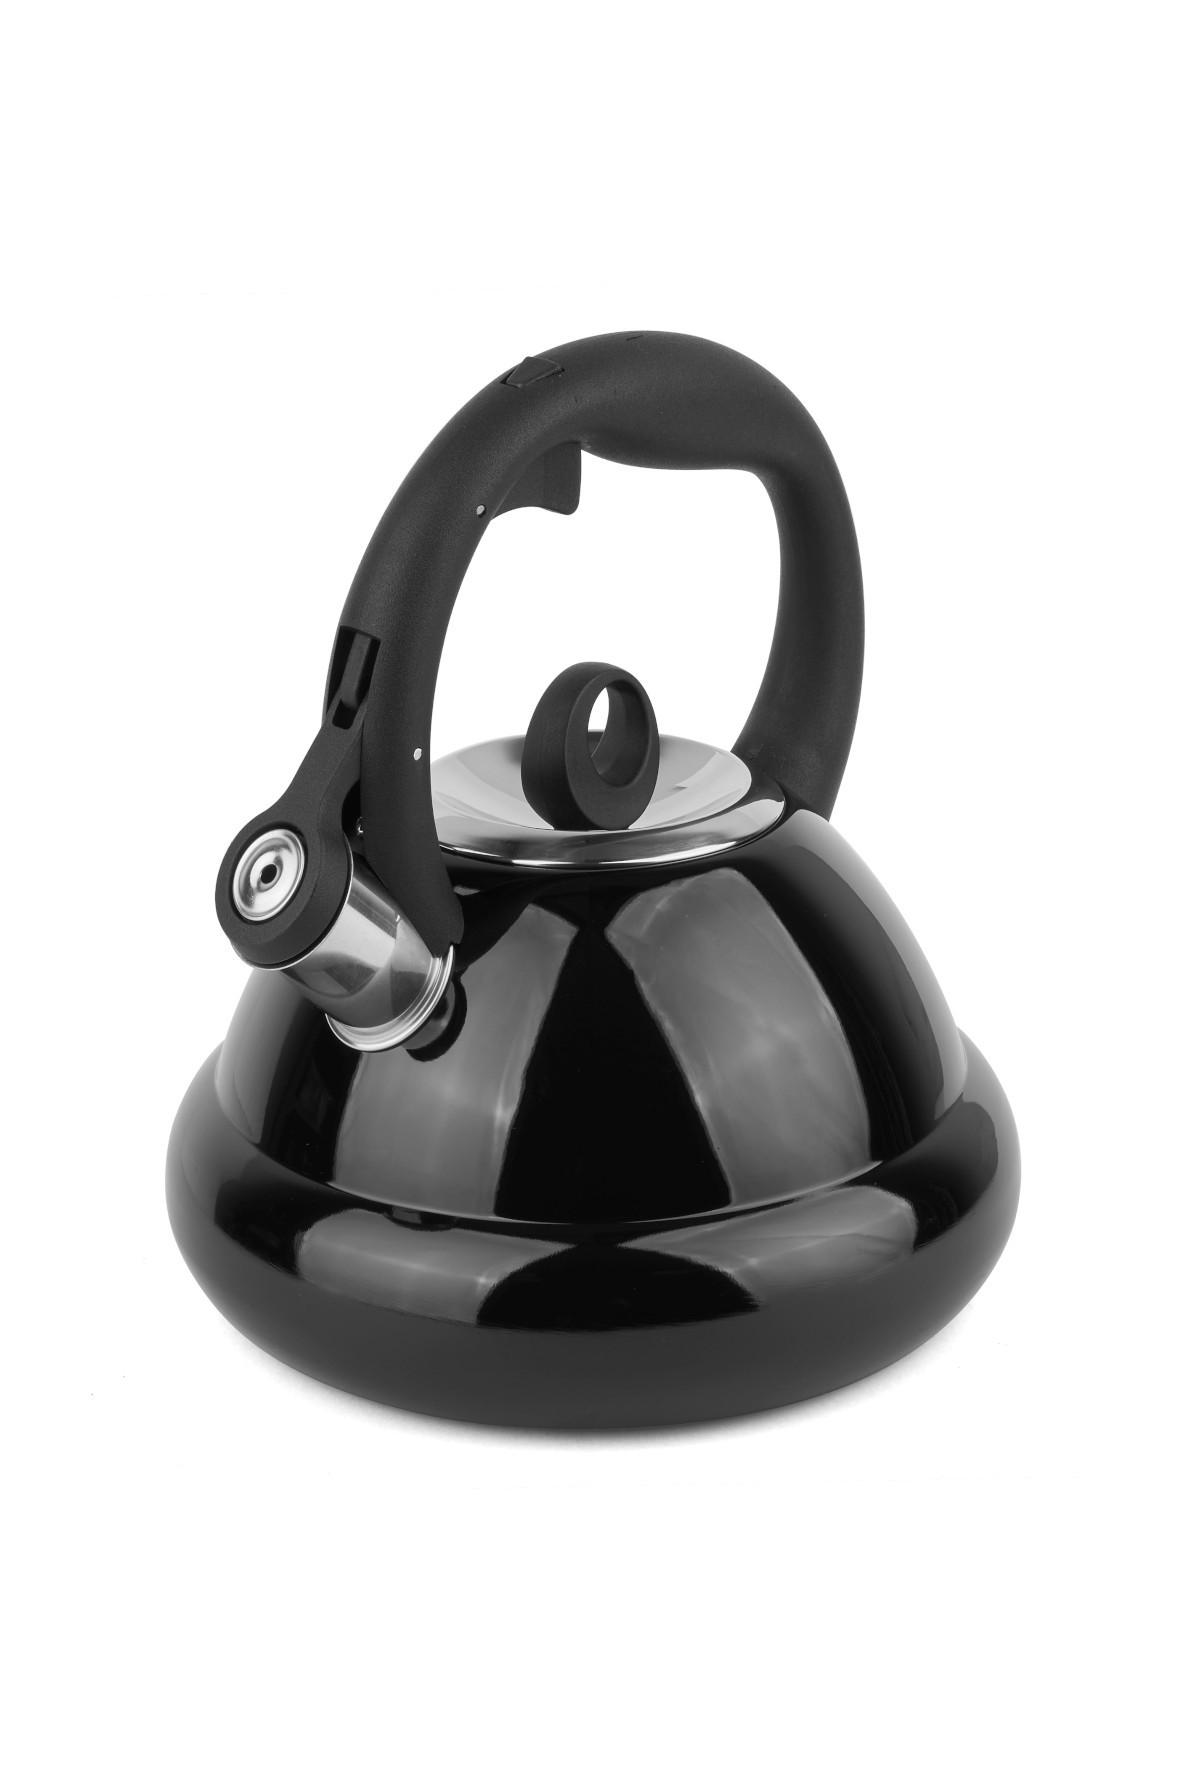 Czajnik nierdzewny z pokrywką  w kolorze czarnym 2,5L